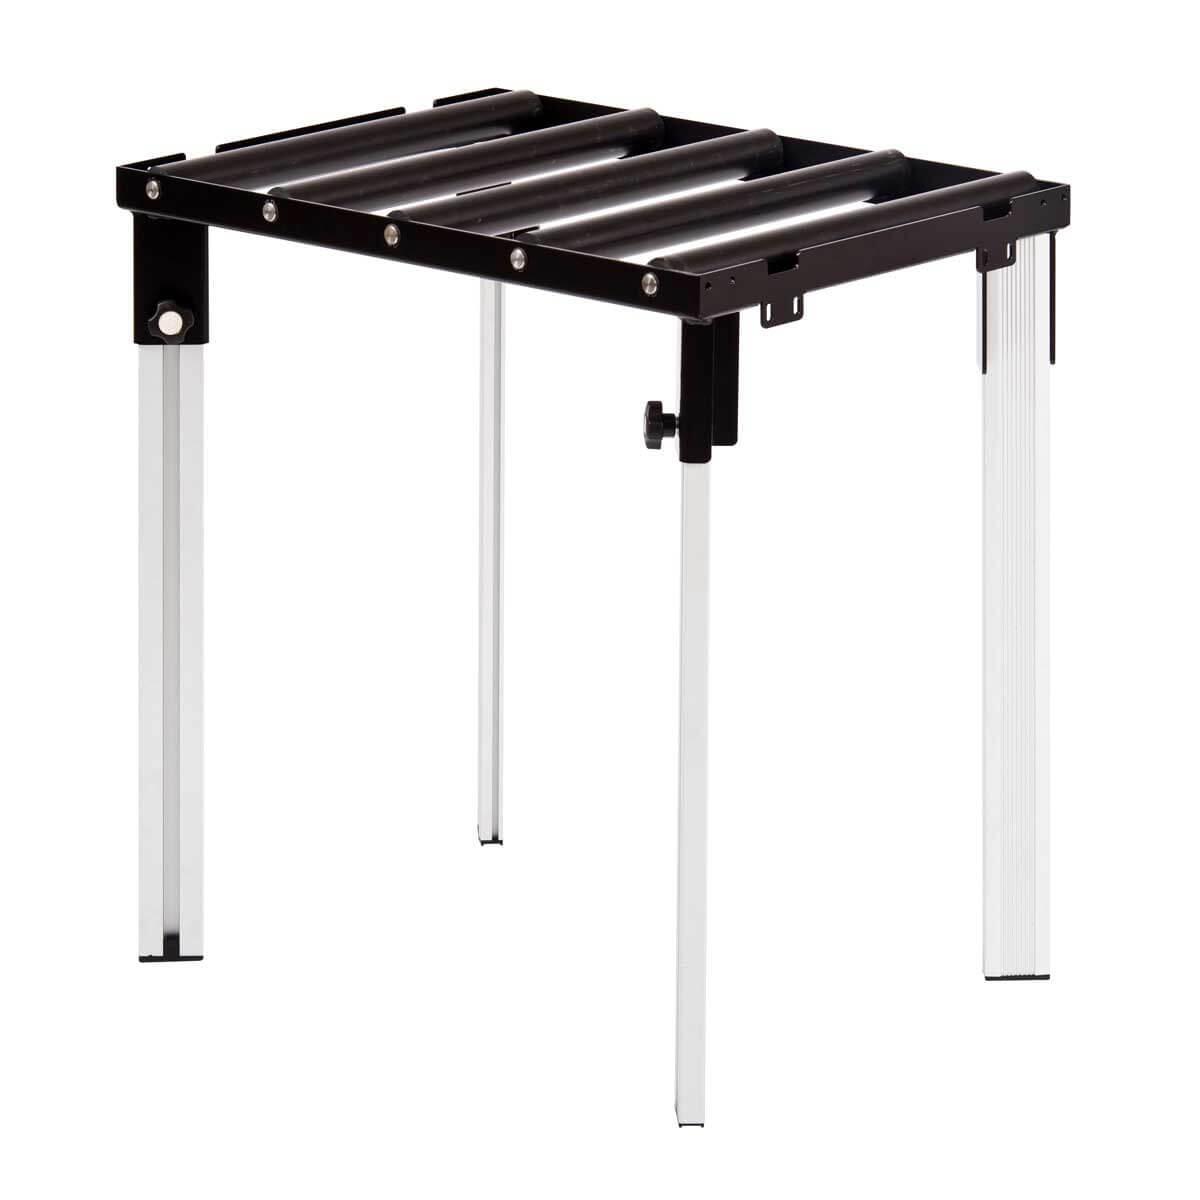 Raimondi Table Extension for Rail Saws